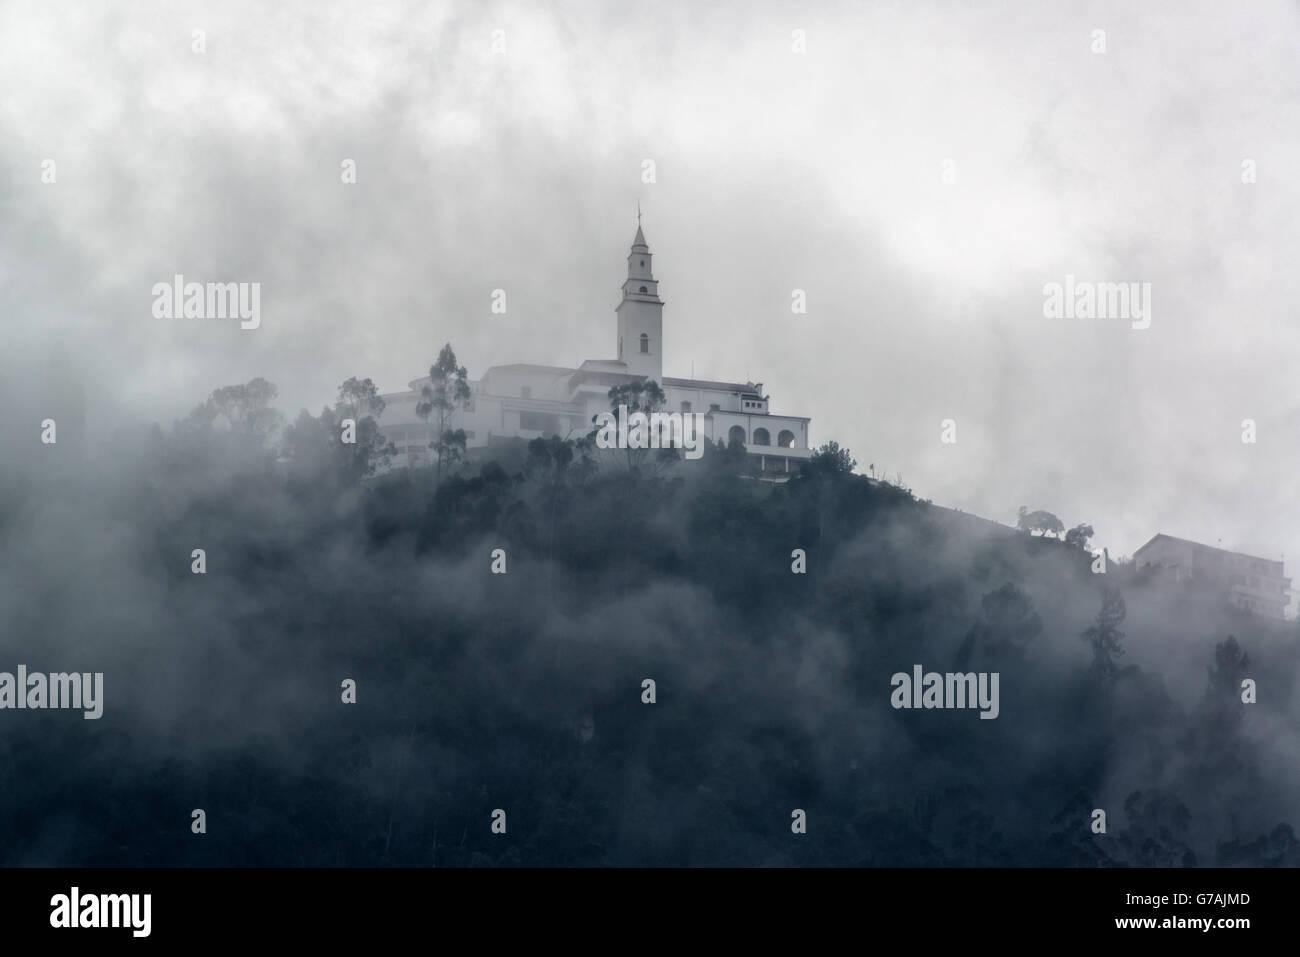 Église Monserrate dans les montagnes des Andes couvertes dans le brouillard au-dessus de Bogota, Colombie Photo Stock